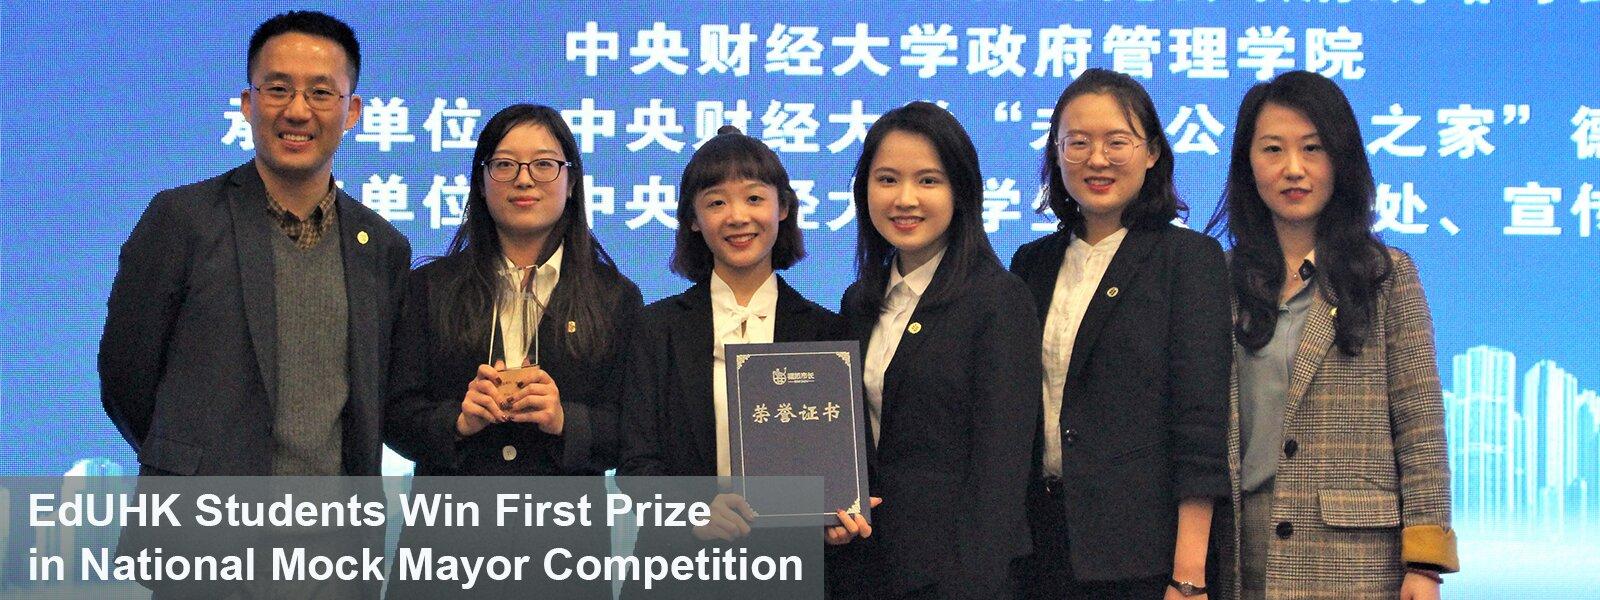 教大学生代表队获全国高校模拟市长大赛一等奖